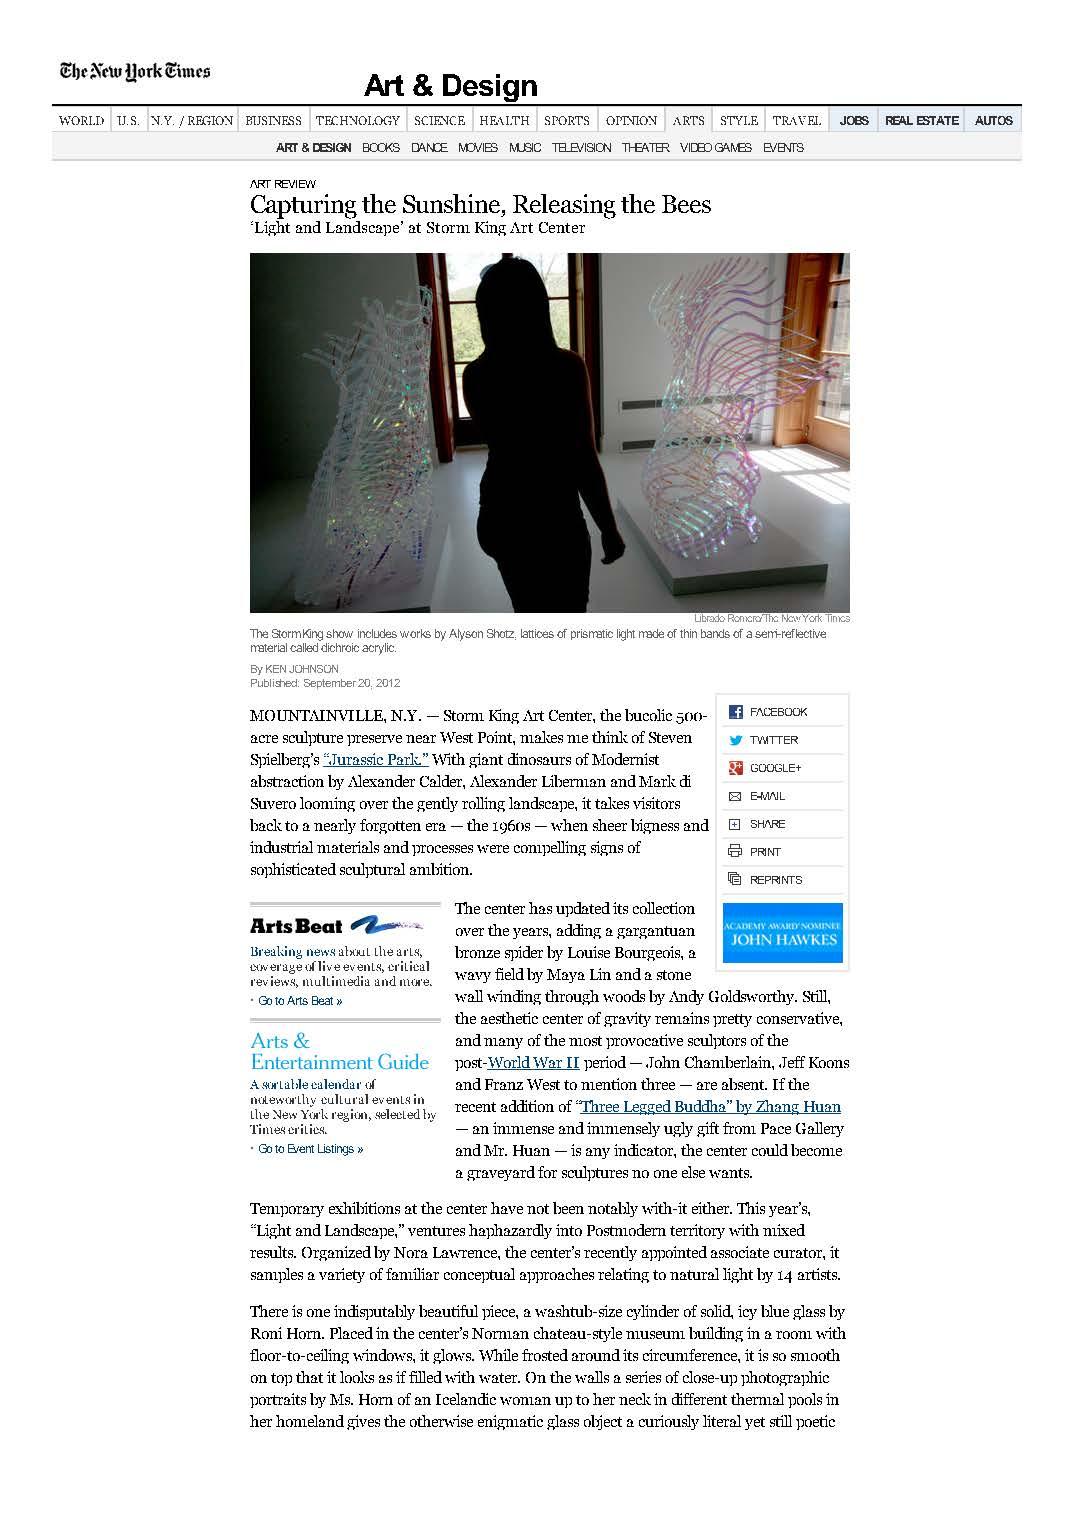 New York Times: September, 2012